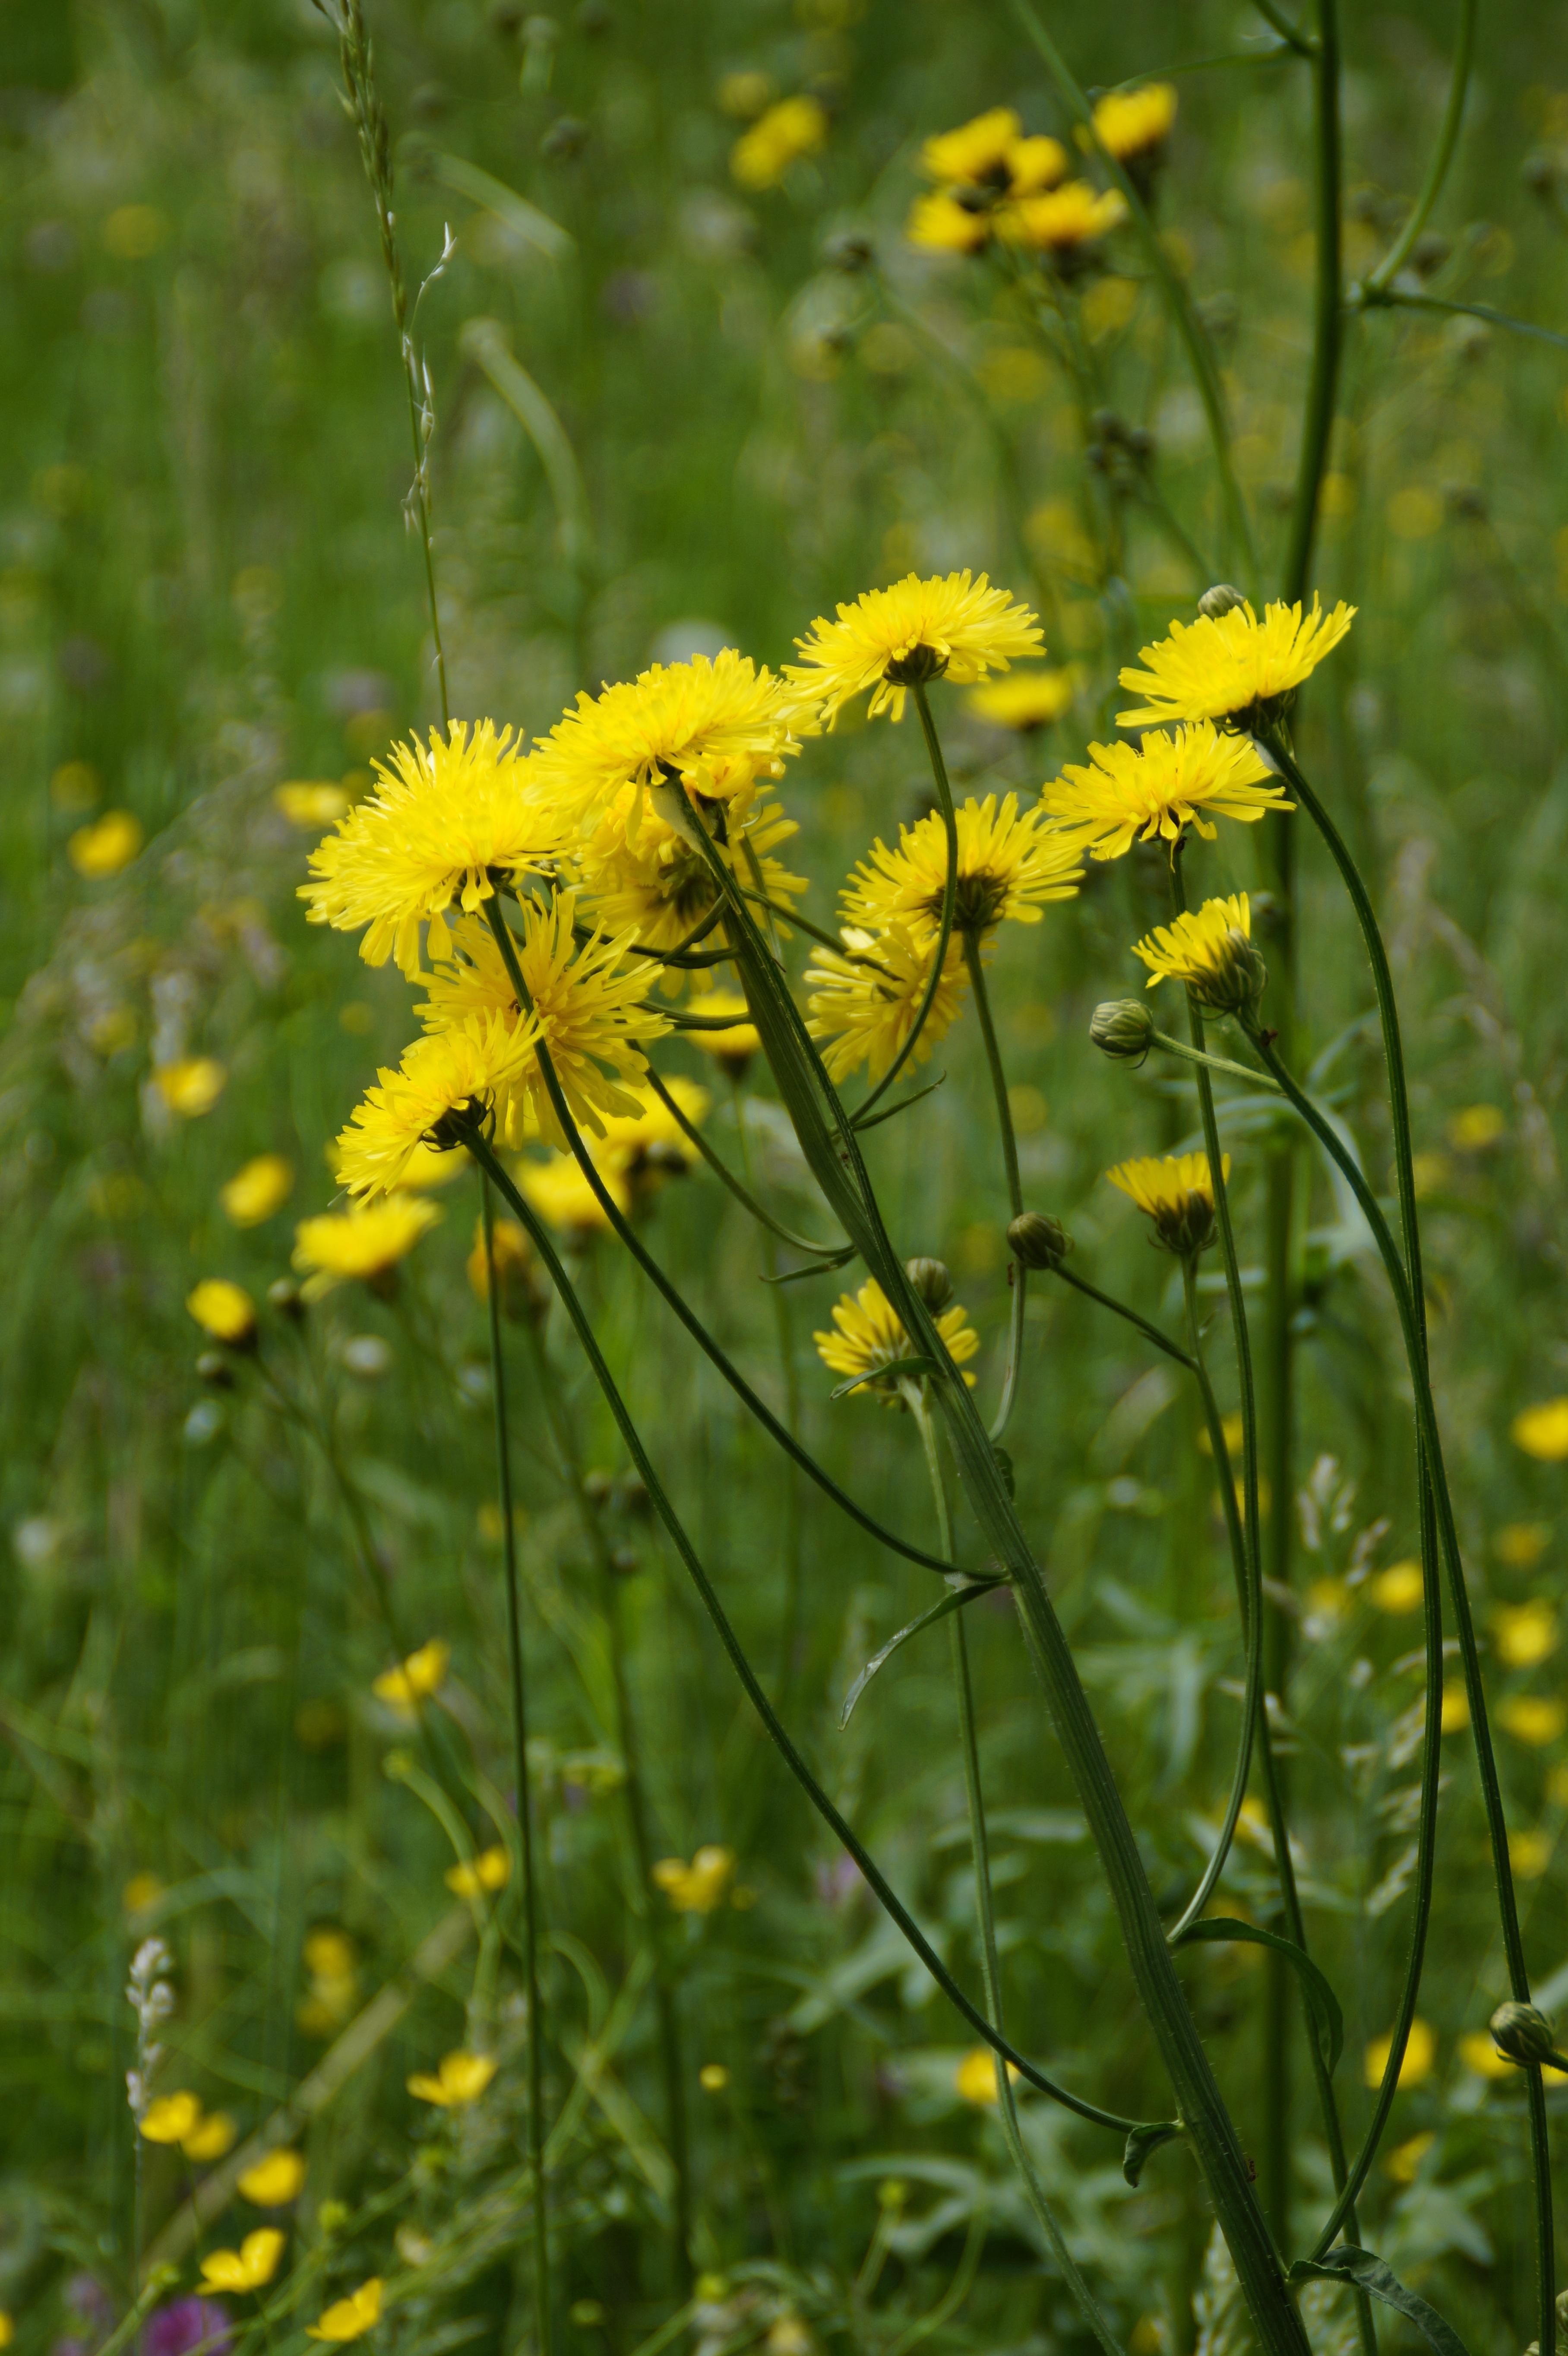 желтые цветы фото с названиями полевые под ивой как